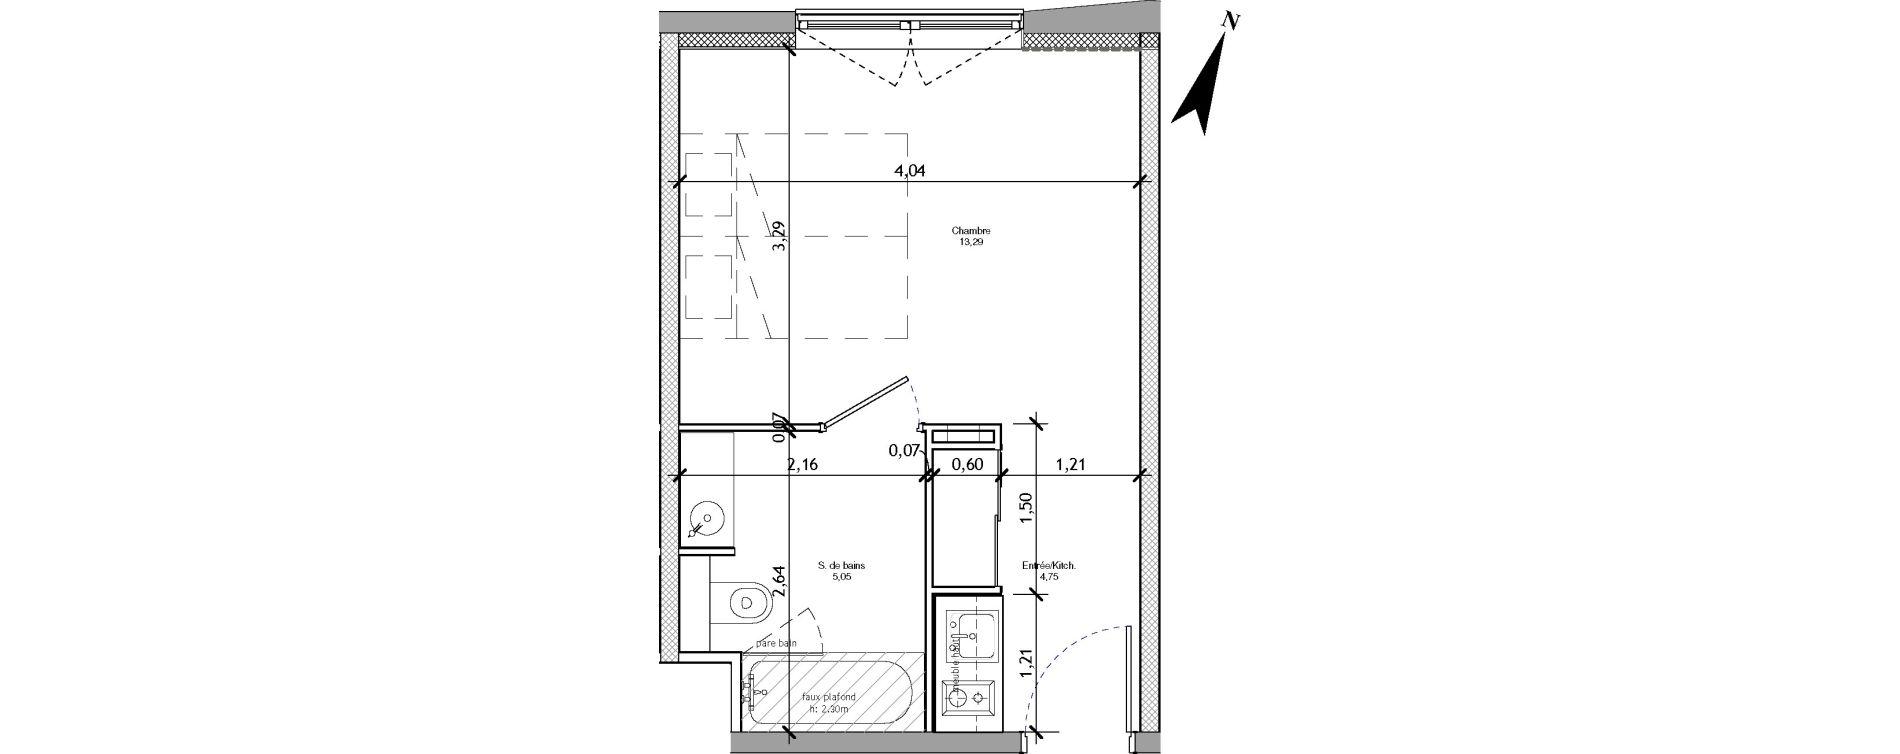 Appartement T1 meublé de 23,09 m2 à Angers La fayette-eble